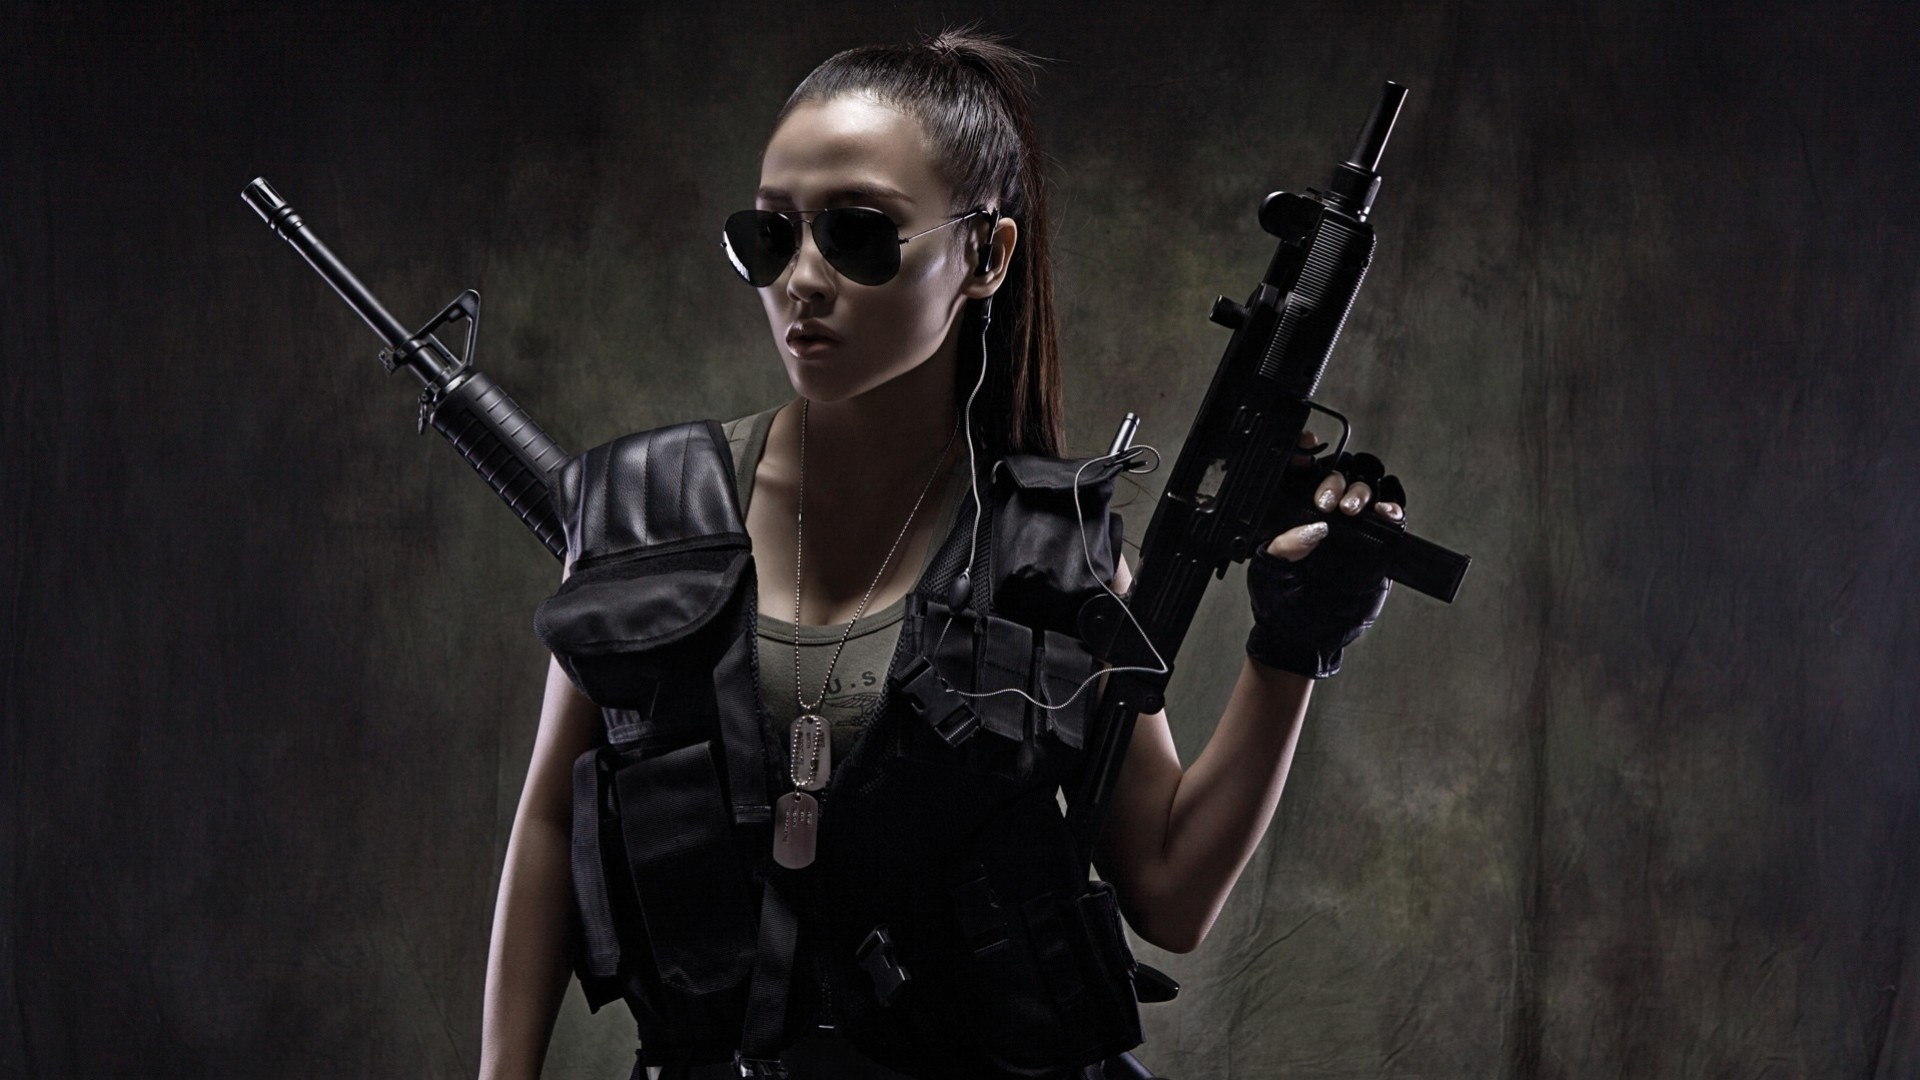 рисунок девушка собака оружие скачать